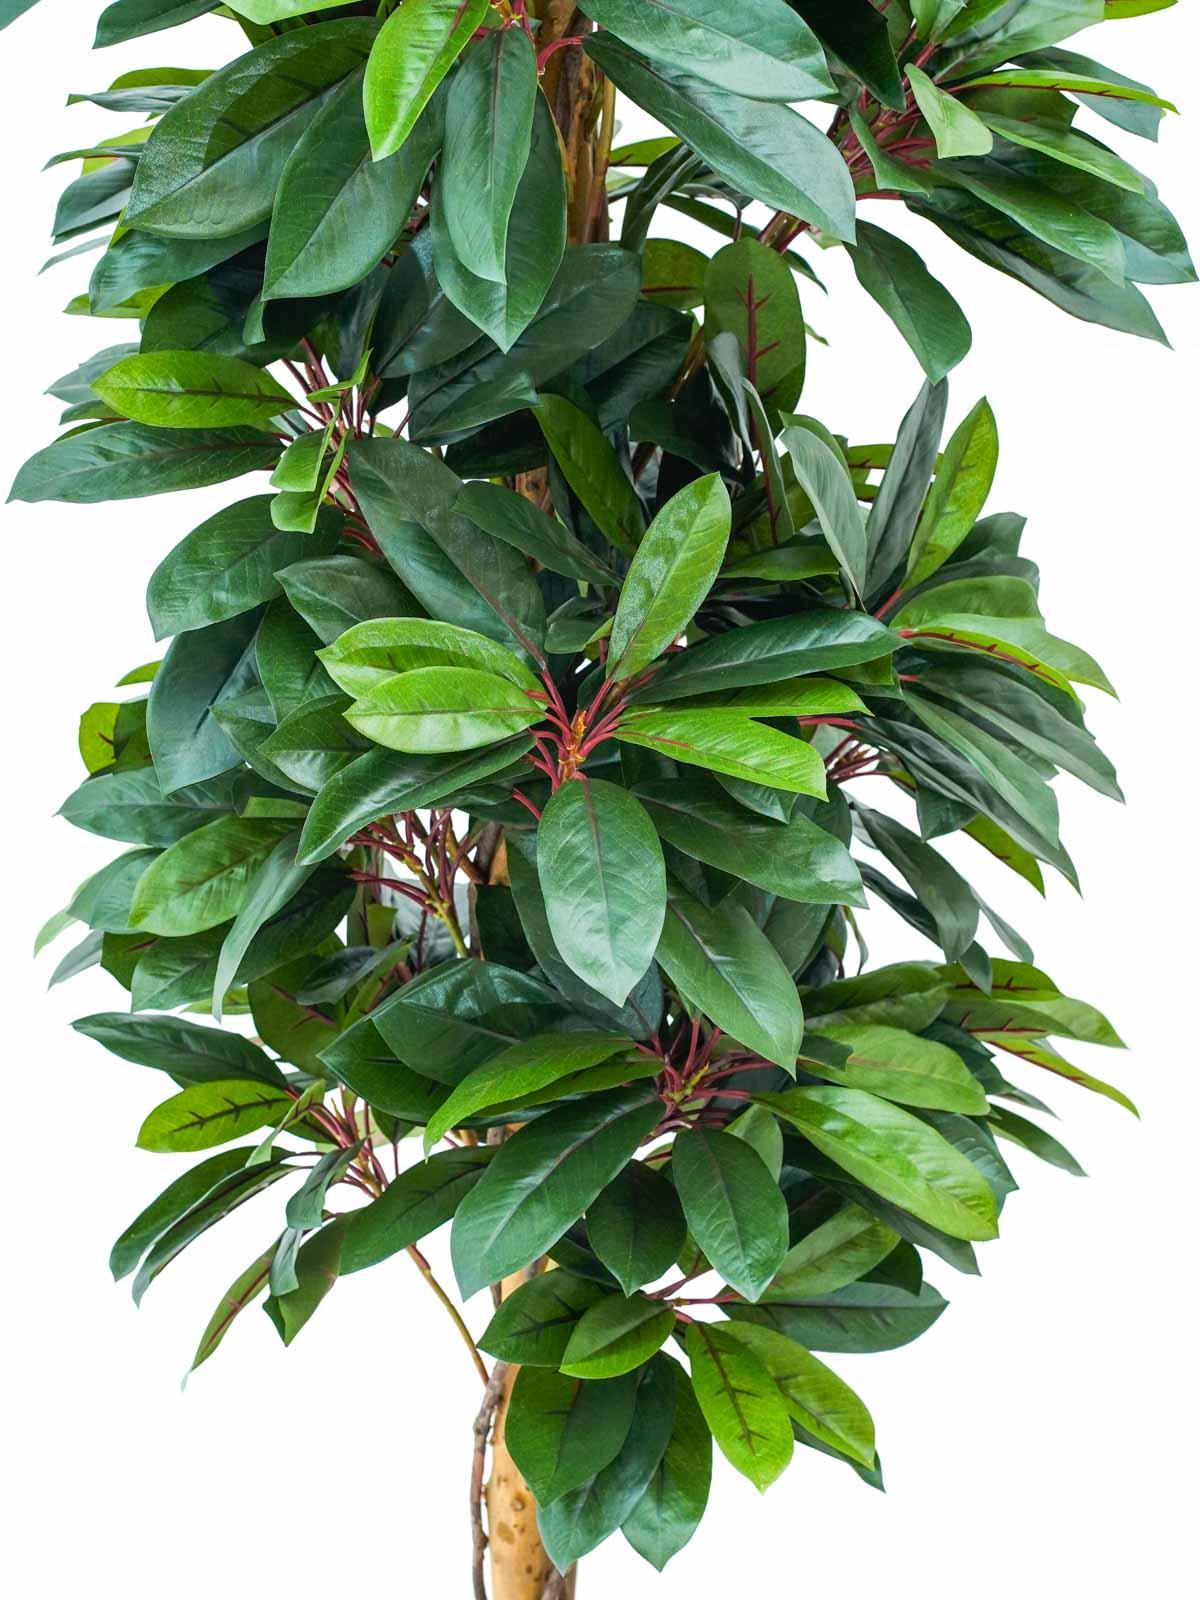 شجرة ريد ليدي شيفليرا ناترل - وسط نباتات اصطناعية أشجار